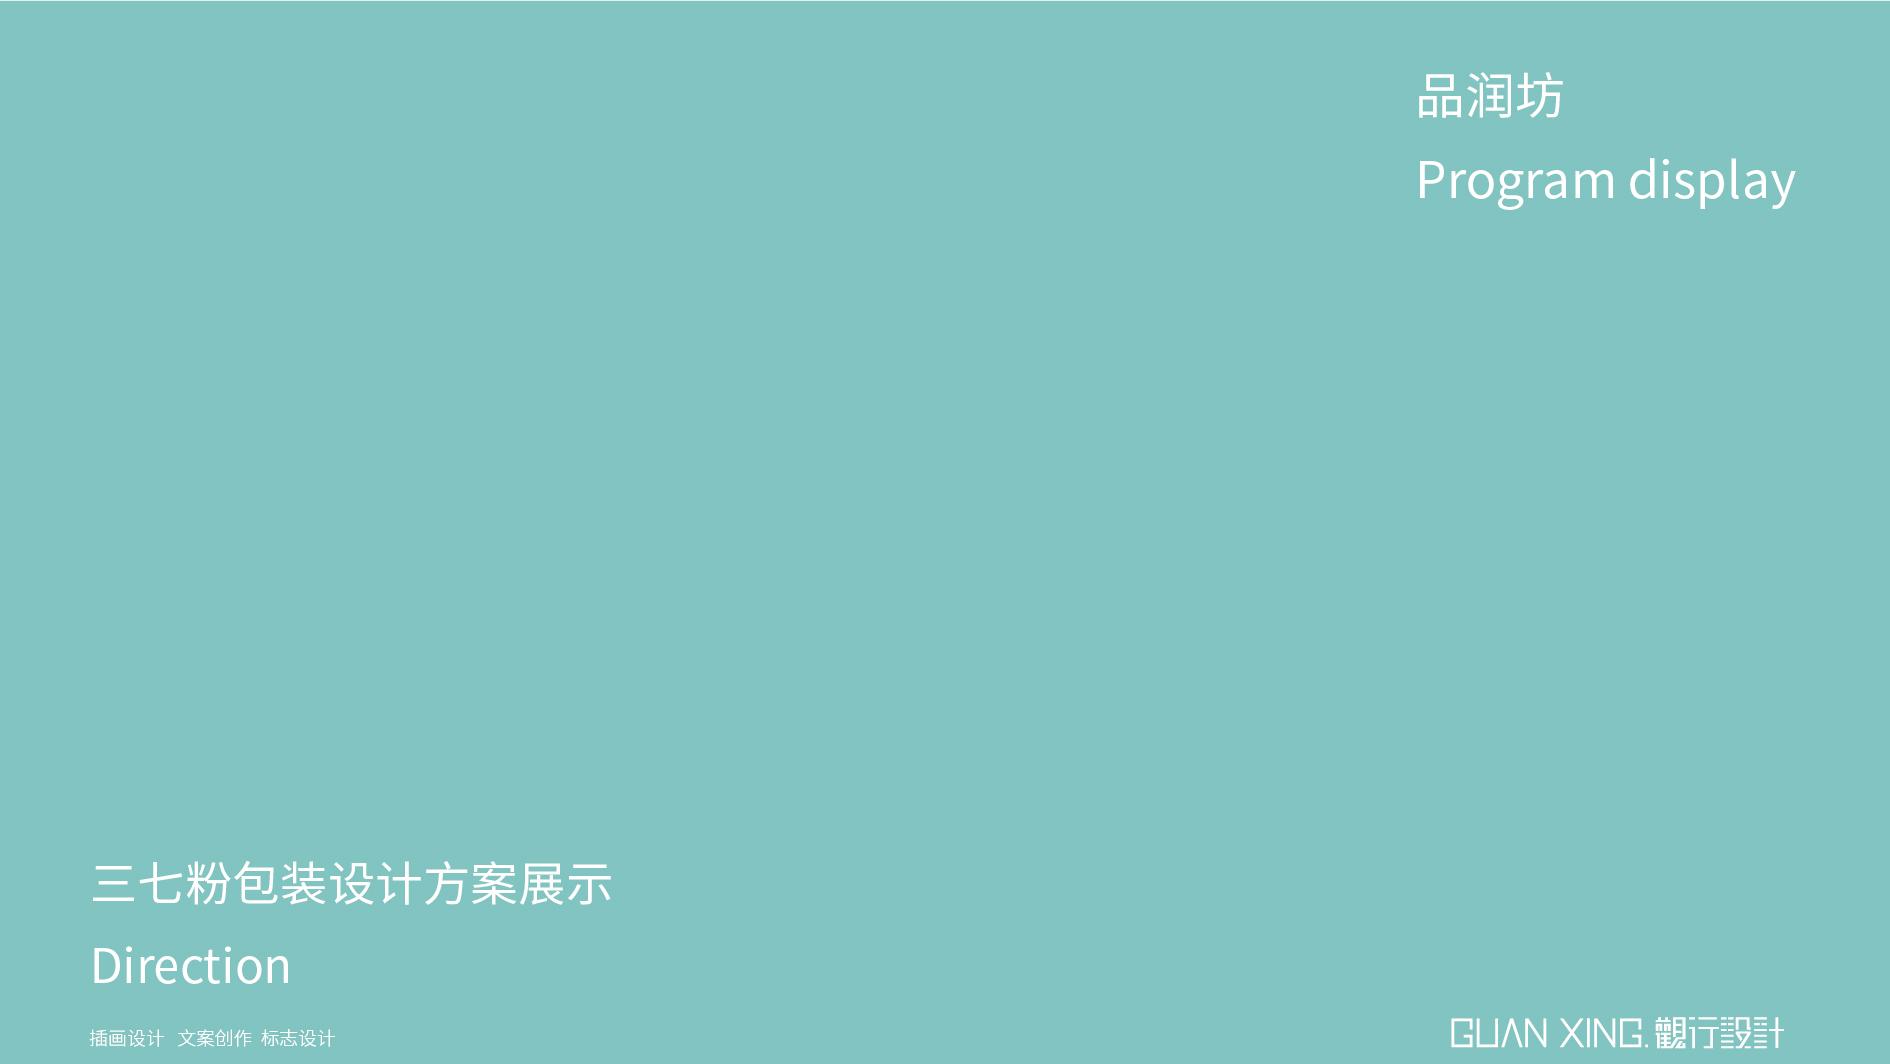 品润坊-品润坊-07